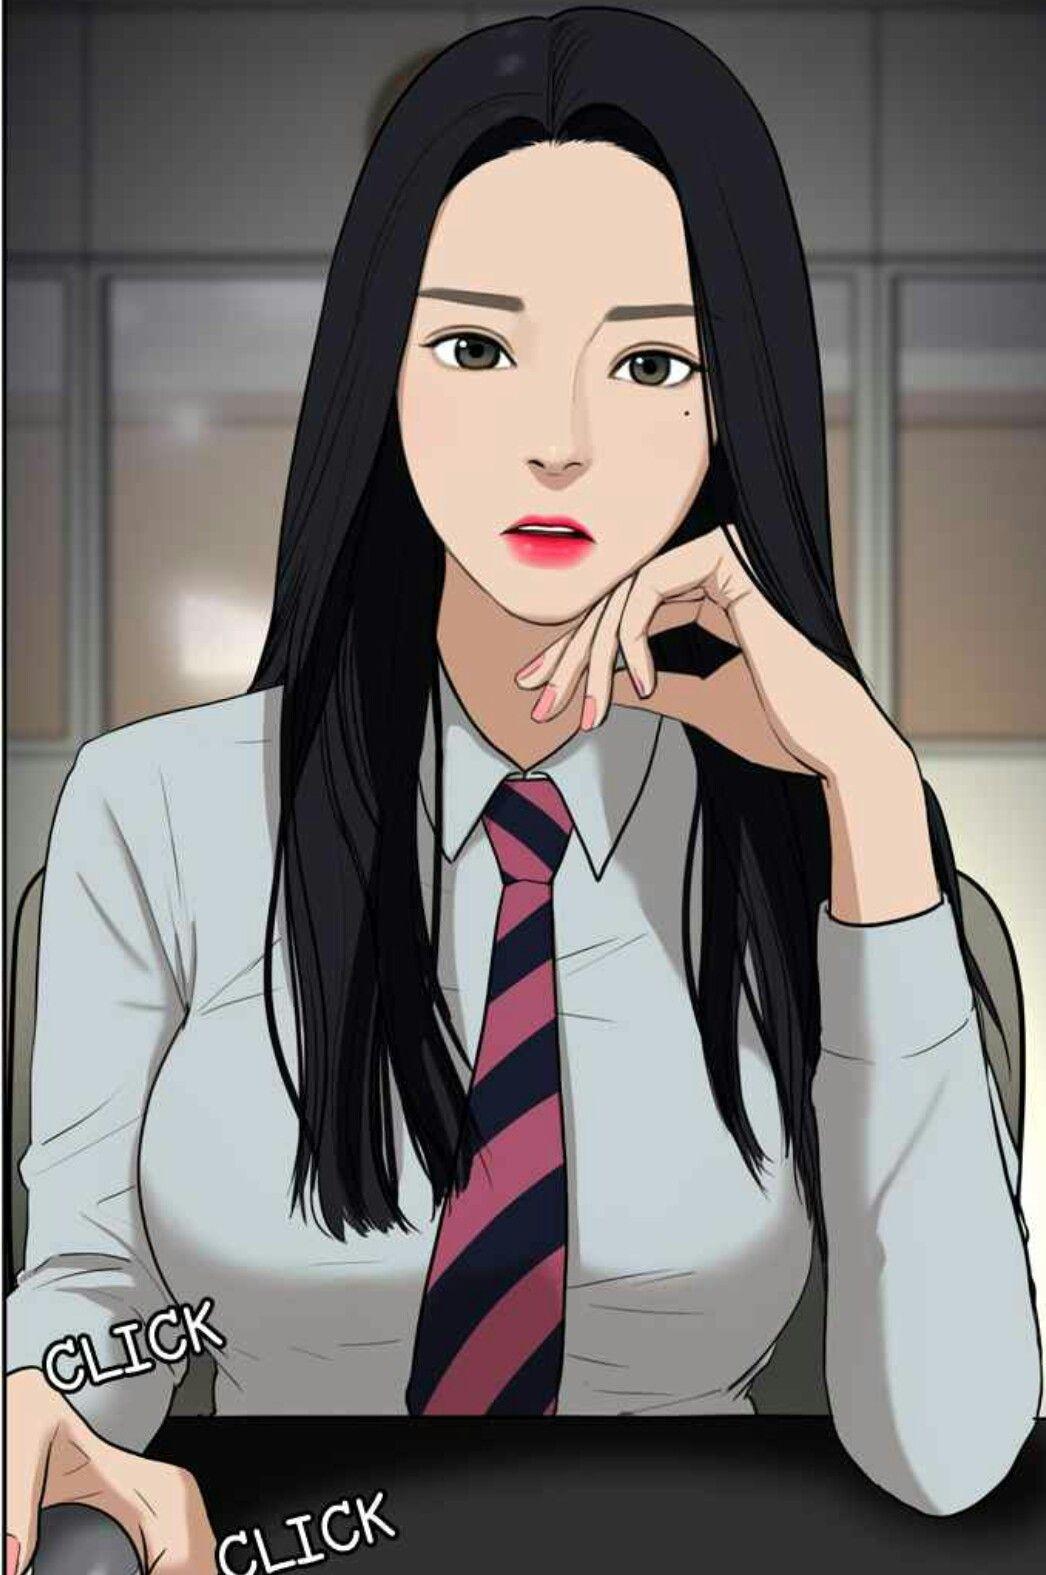 Pin by Katie on Webtoon Comics in 2019 | Webtoon, True beauty, Beauty